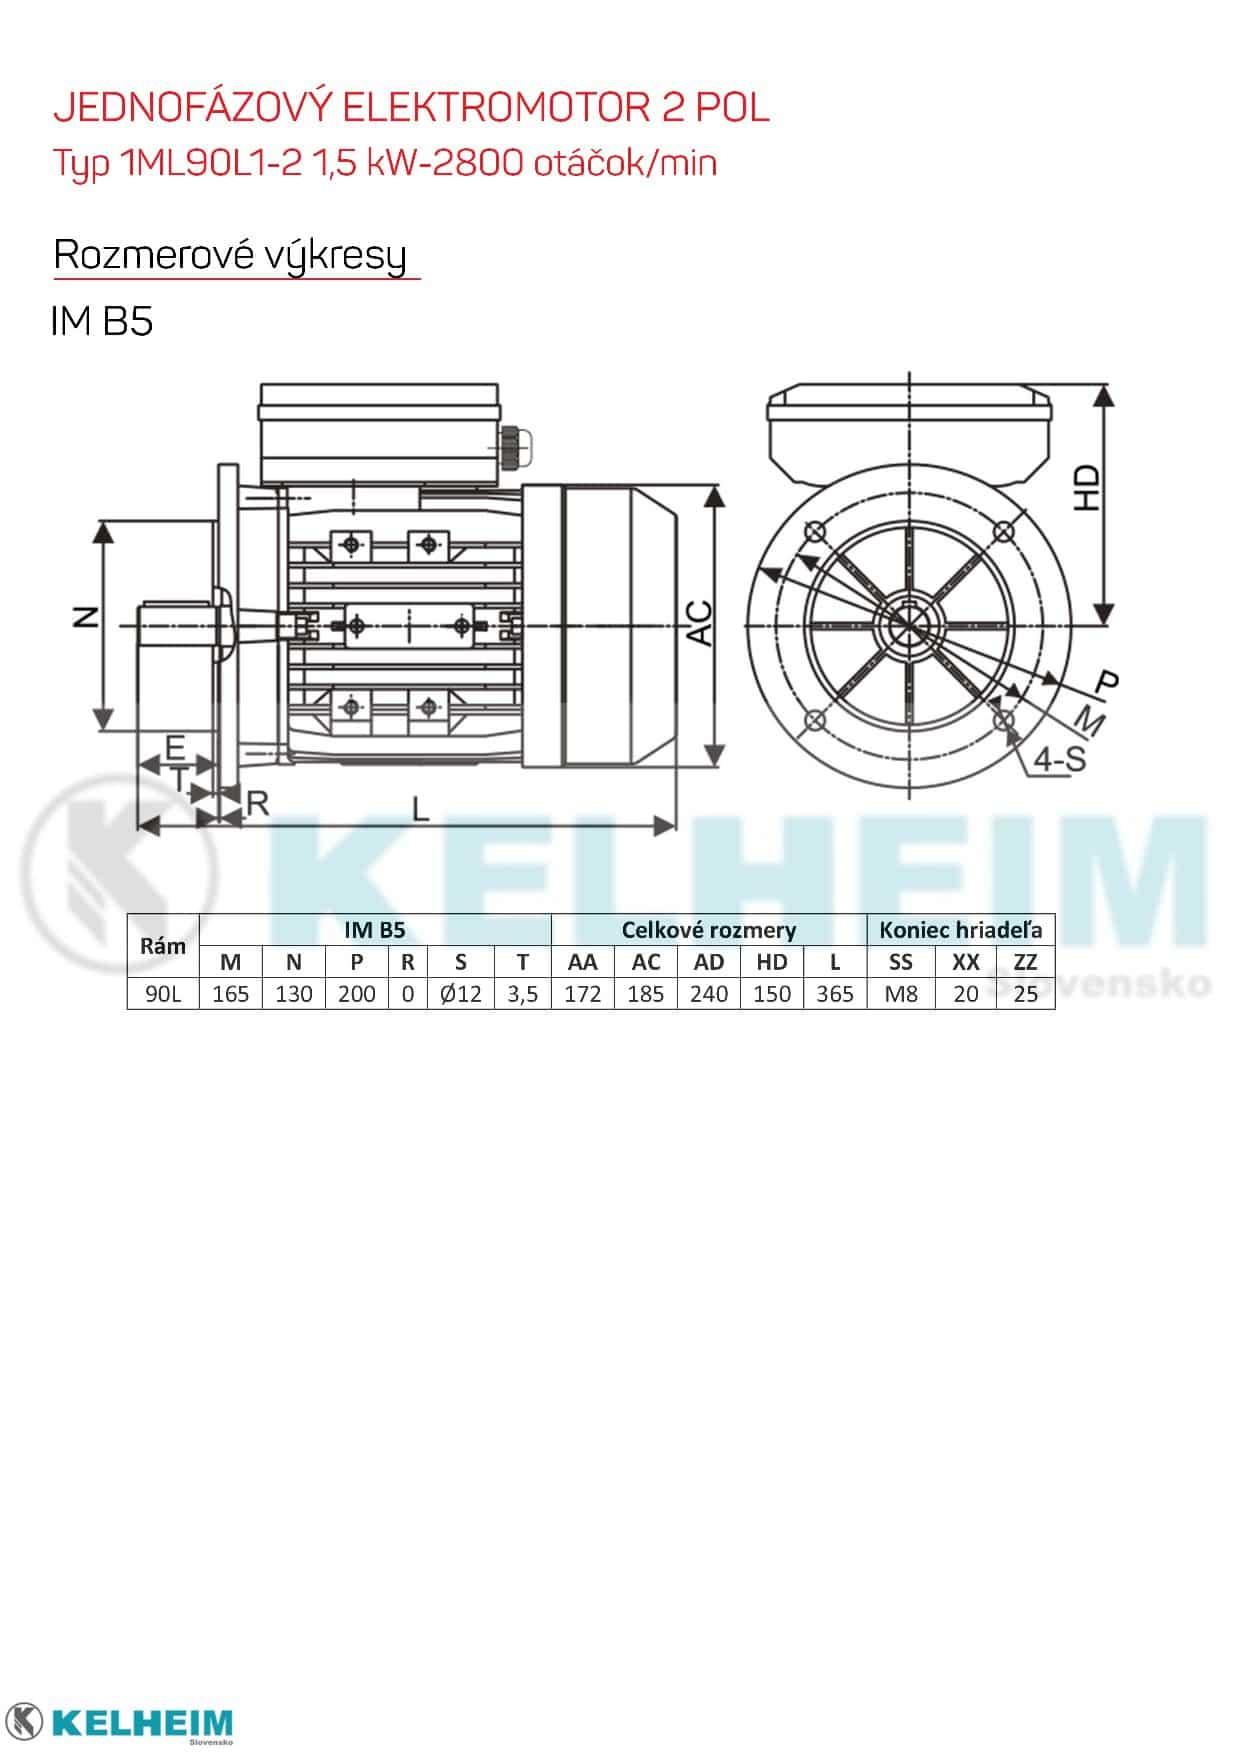 rozmerový výkres - jednofázový elektromotor 1,5kw ML90L1-2